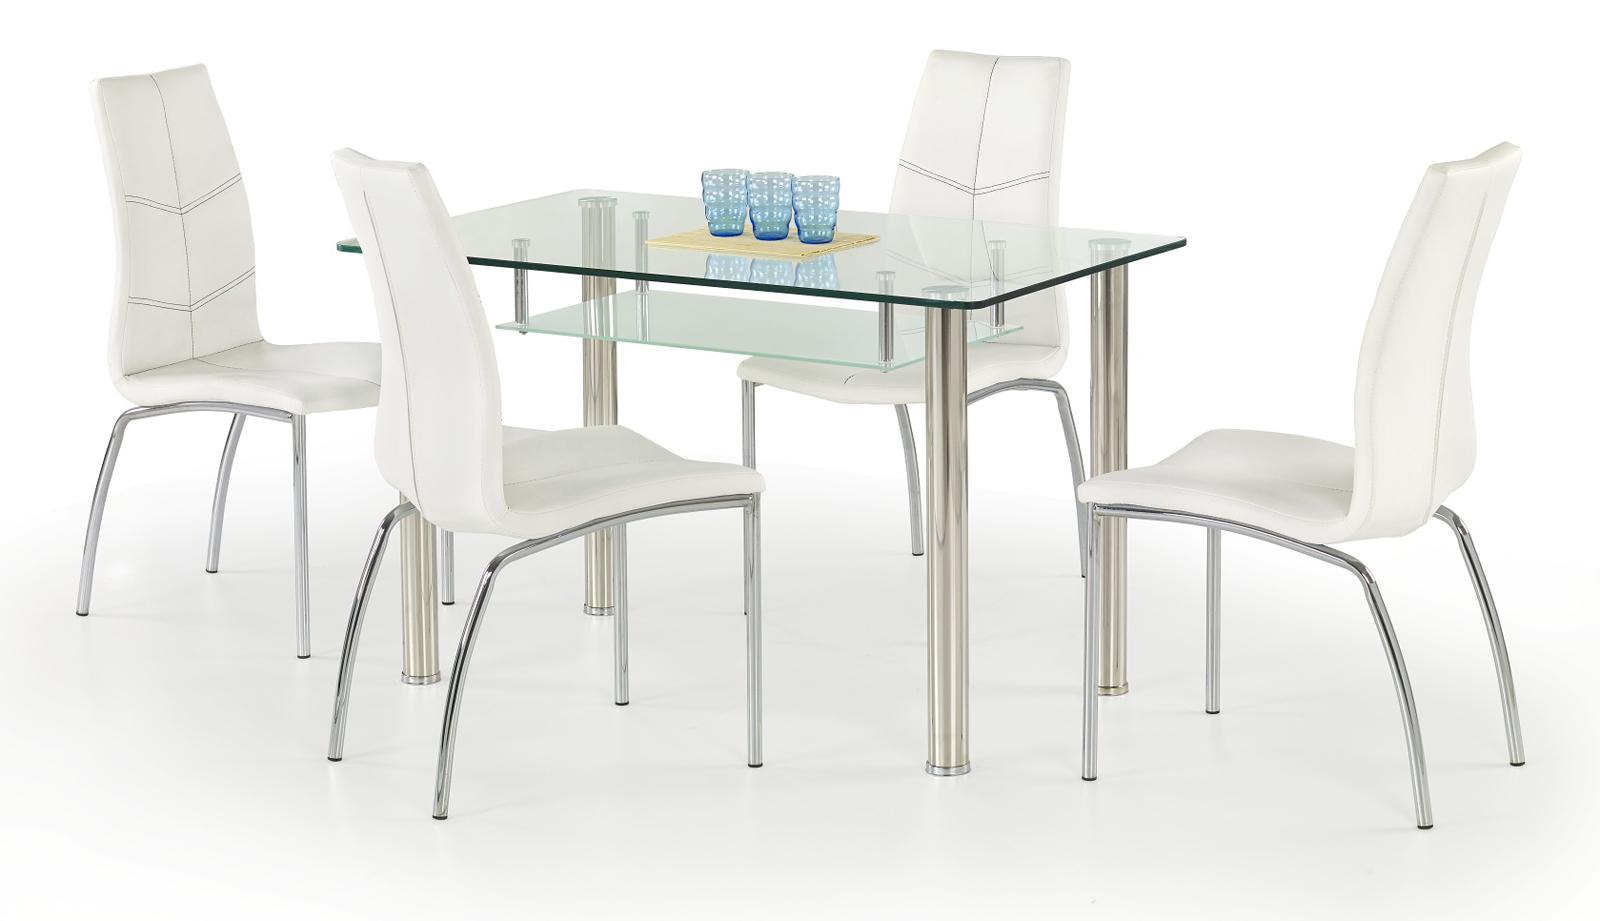 Jedálenský stôl - Halmar - Olivier (pre 4 osoby). Sme autorizovaný predajca Halmar. Vlastná spoľahlivá doprava až k Vám domov.